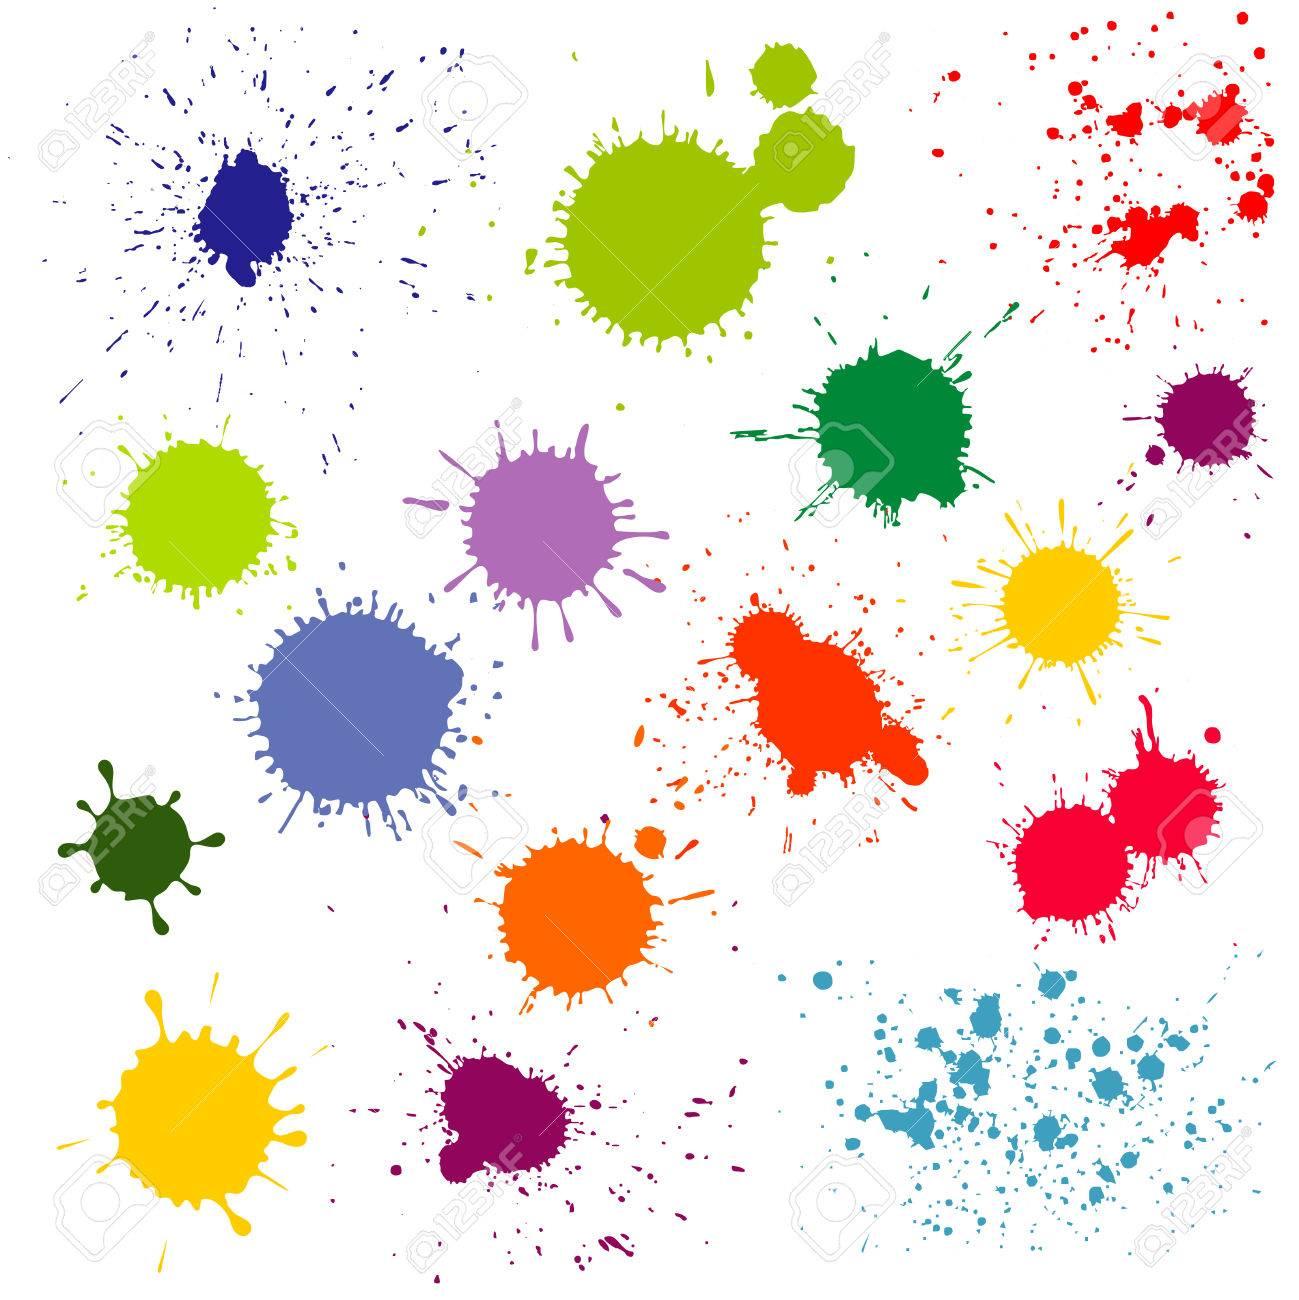 Couleur Eclaboussures De Peinture Taches D Encre Collection De Vecteur Splash Et Colore Tache Illustration Clip Art Libres De Droits Vecteurs Et Illustration Image 61856020